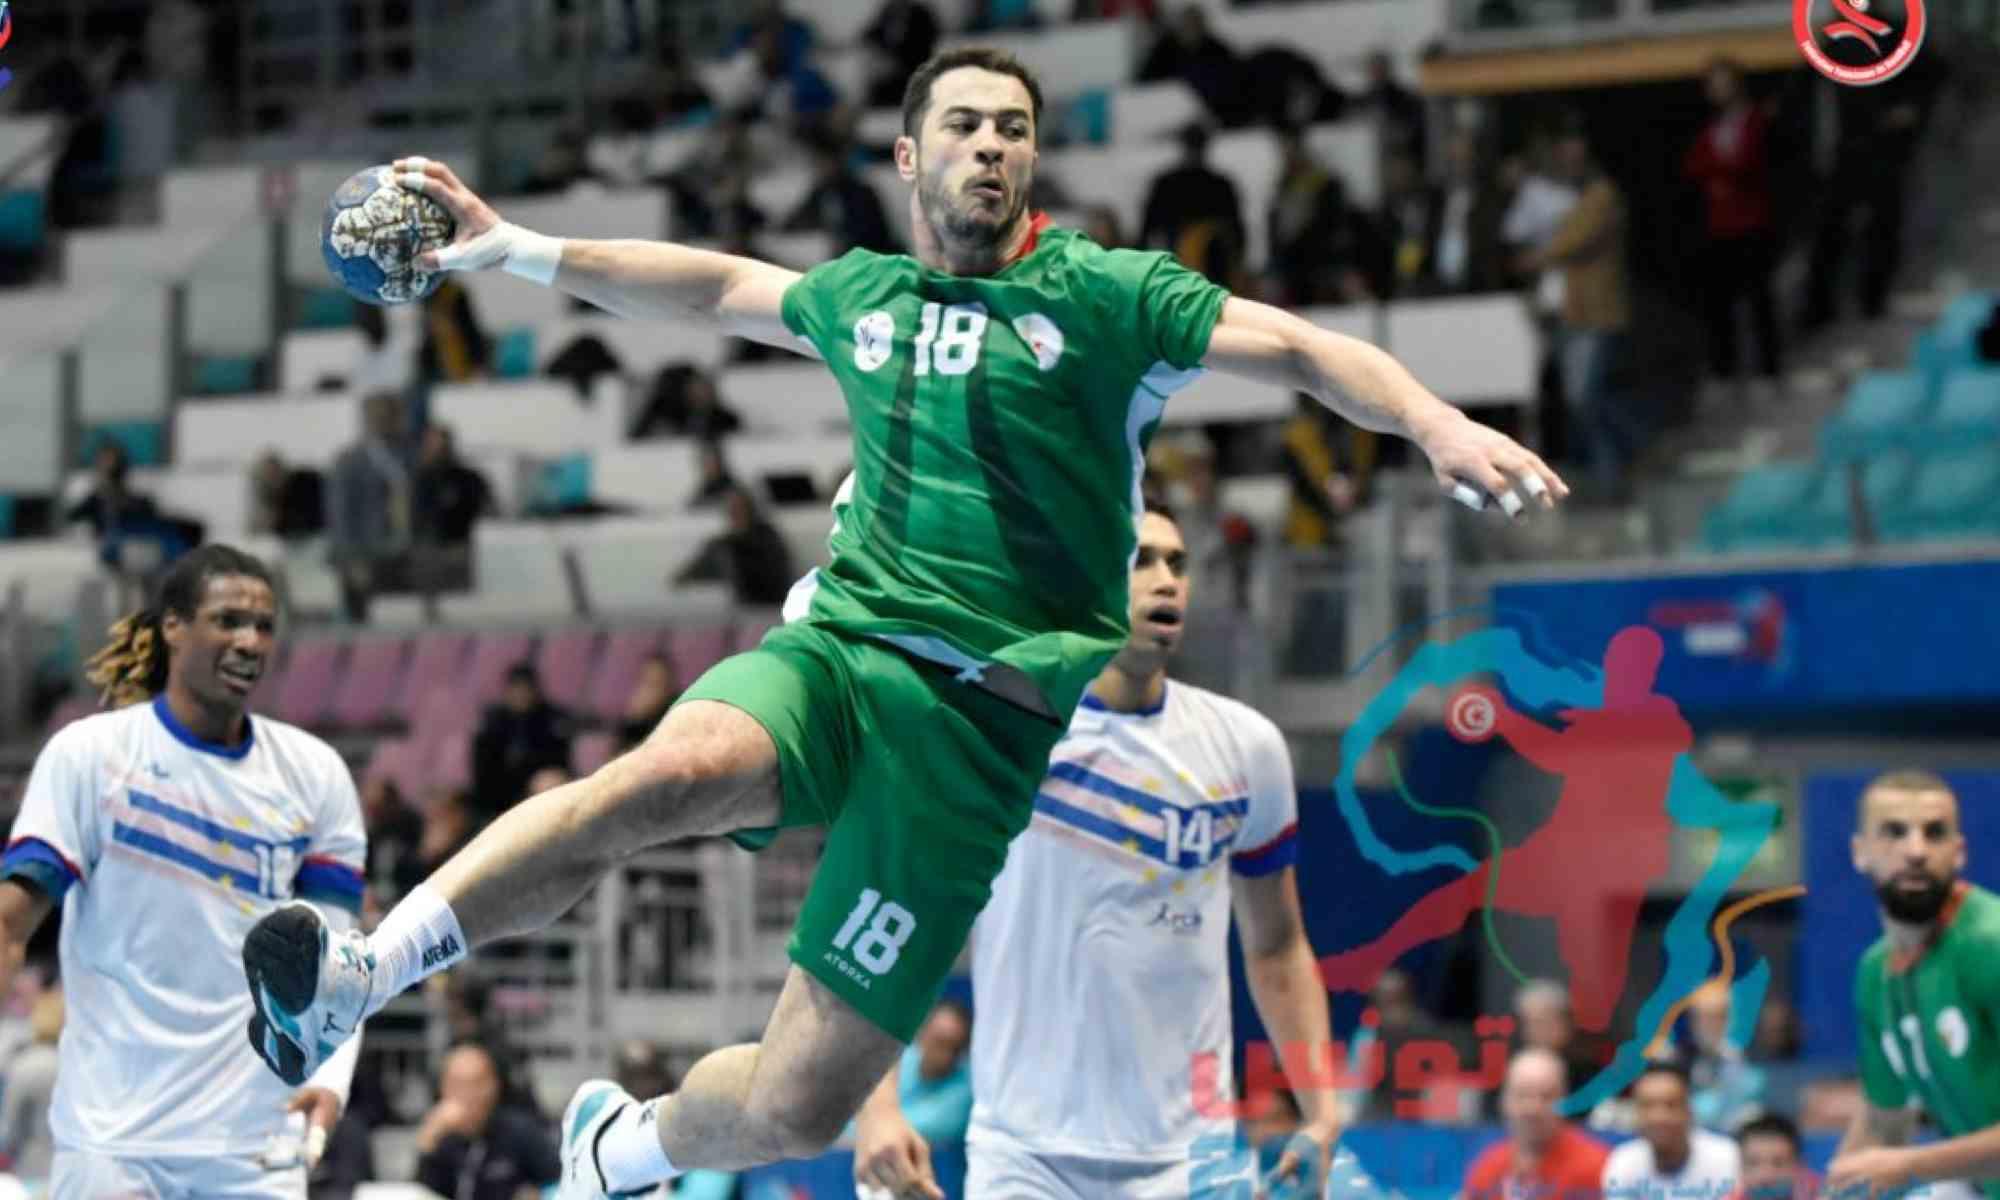 Mondial de Handball/Algérie-Islande, samedi à 20h30 : Mission délicate pour le sept algérien - Algérie